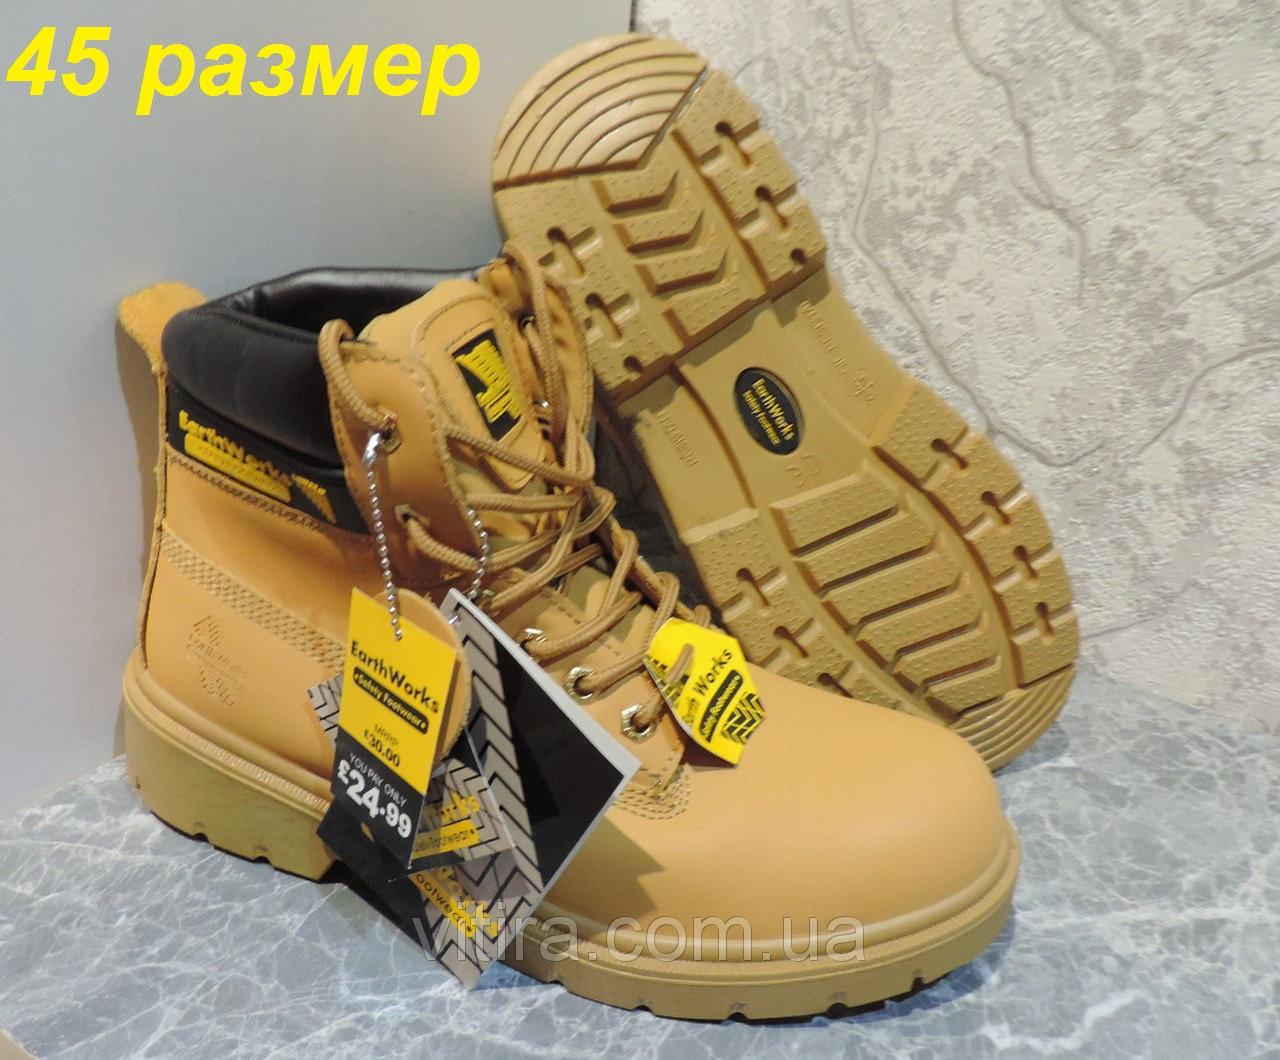 Мужские ботинки берцы Earth Works (Великобритания). Размер 45. Защитные мужские ботинки с металлическим носком